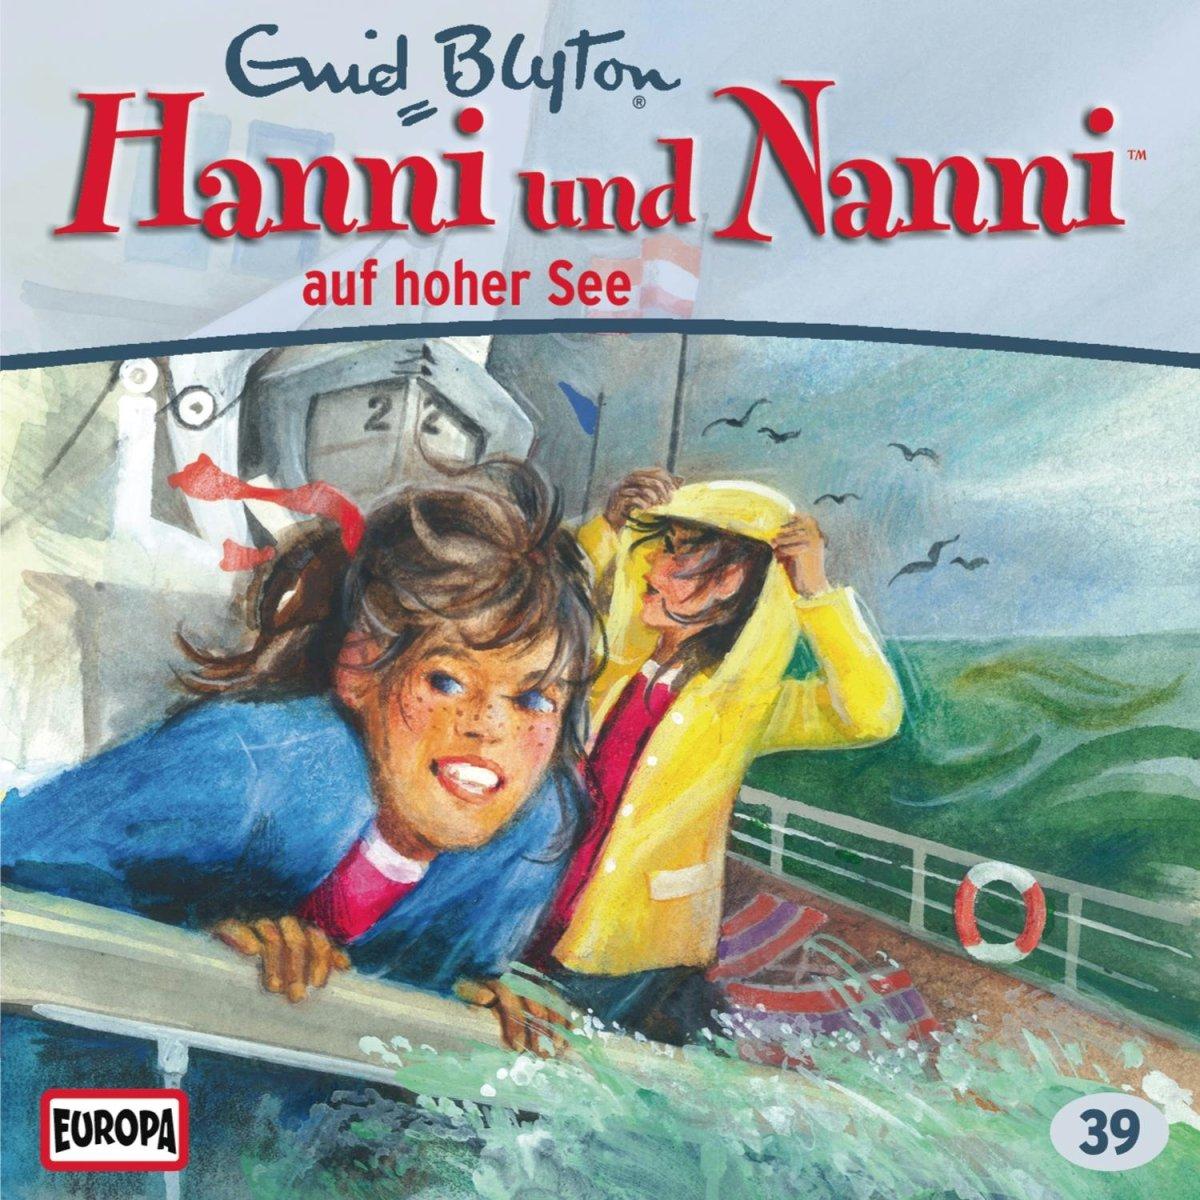 Hanni und Nanni (39) auf hoher See (Europa)